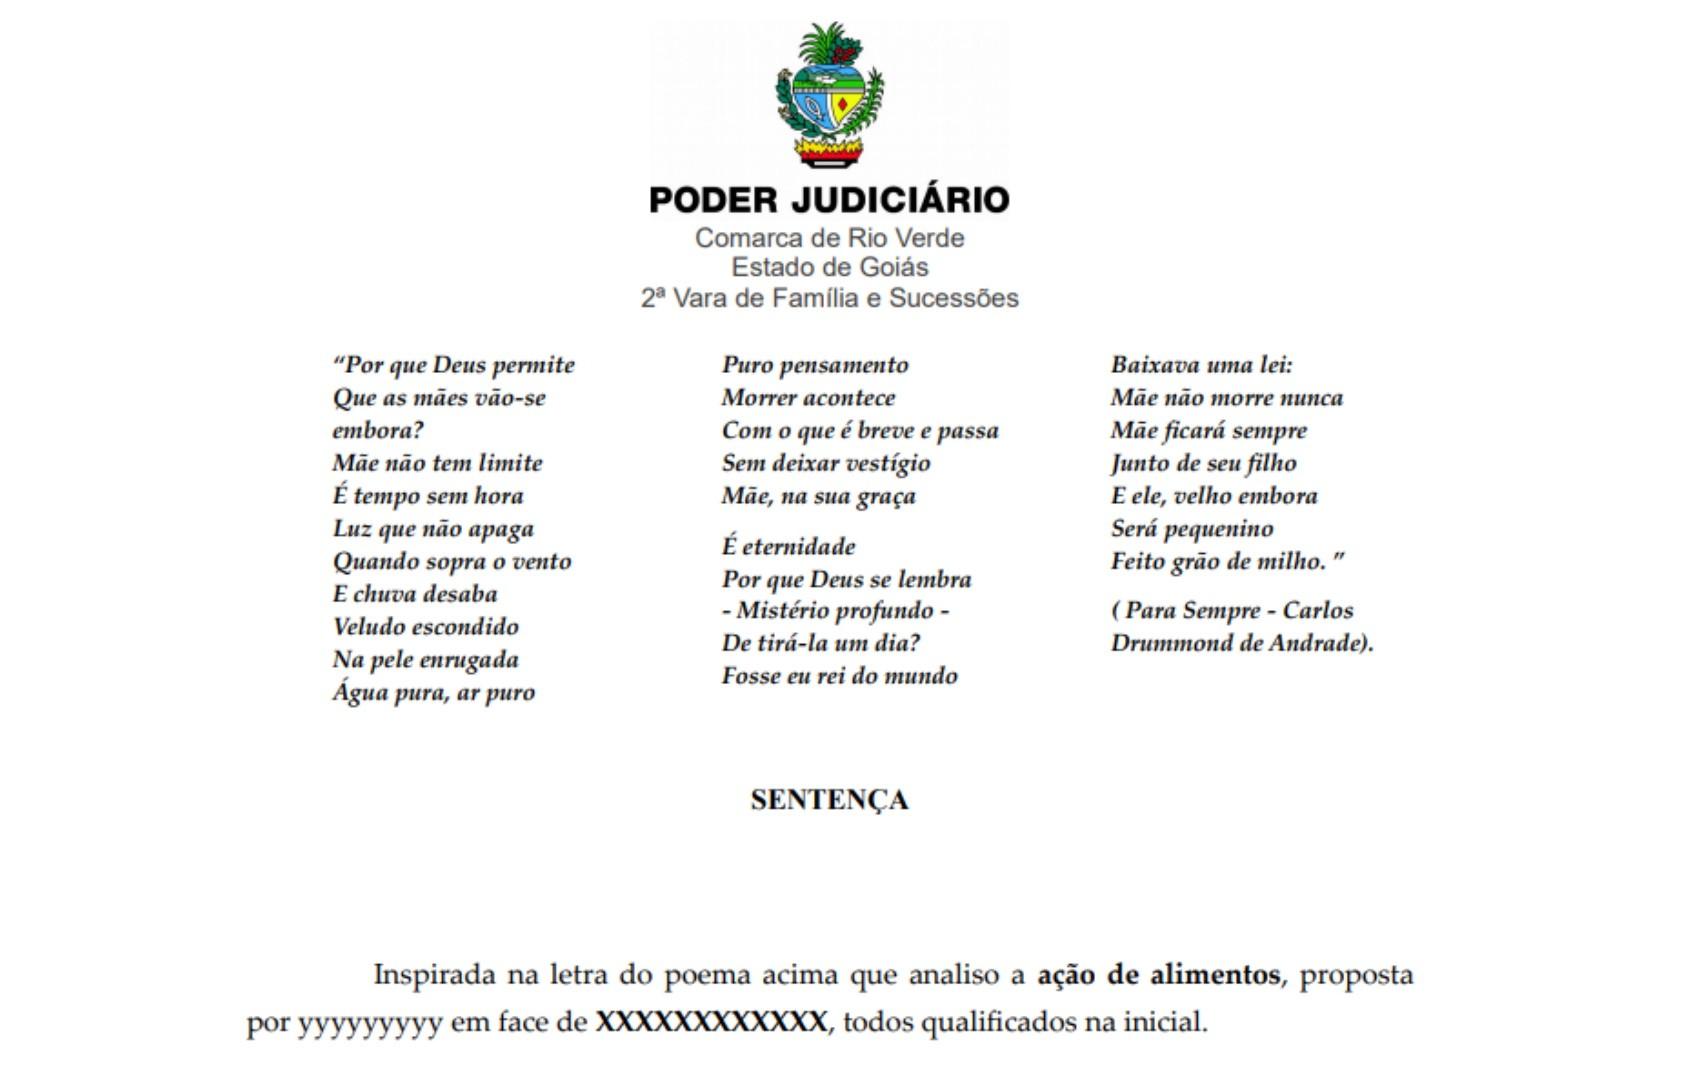 Juíza usa poesia em sentença que determina que filhos deem alimentos à mãe idosa e cadeirante:'Mãe não morre nunca'